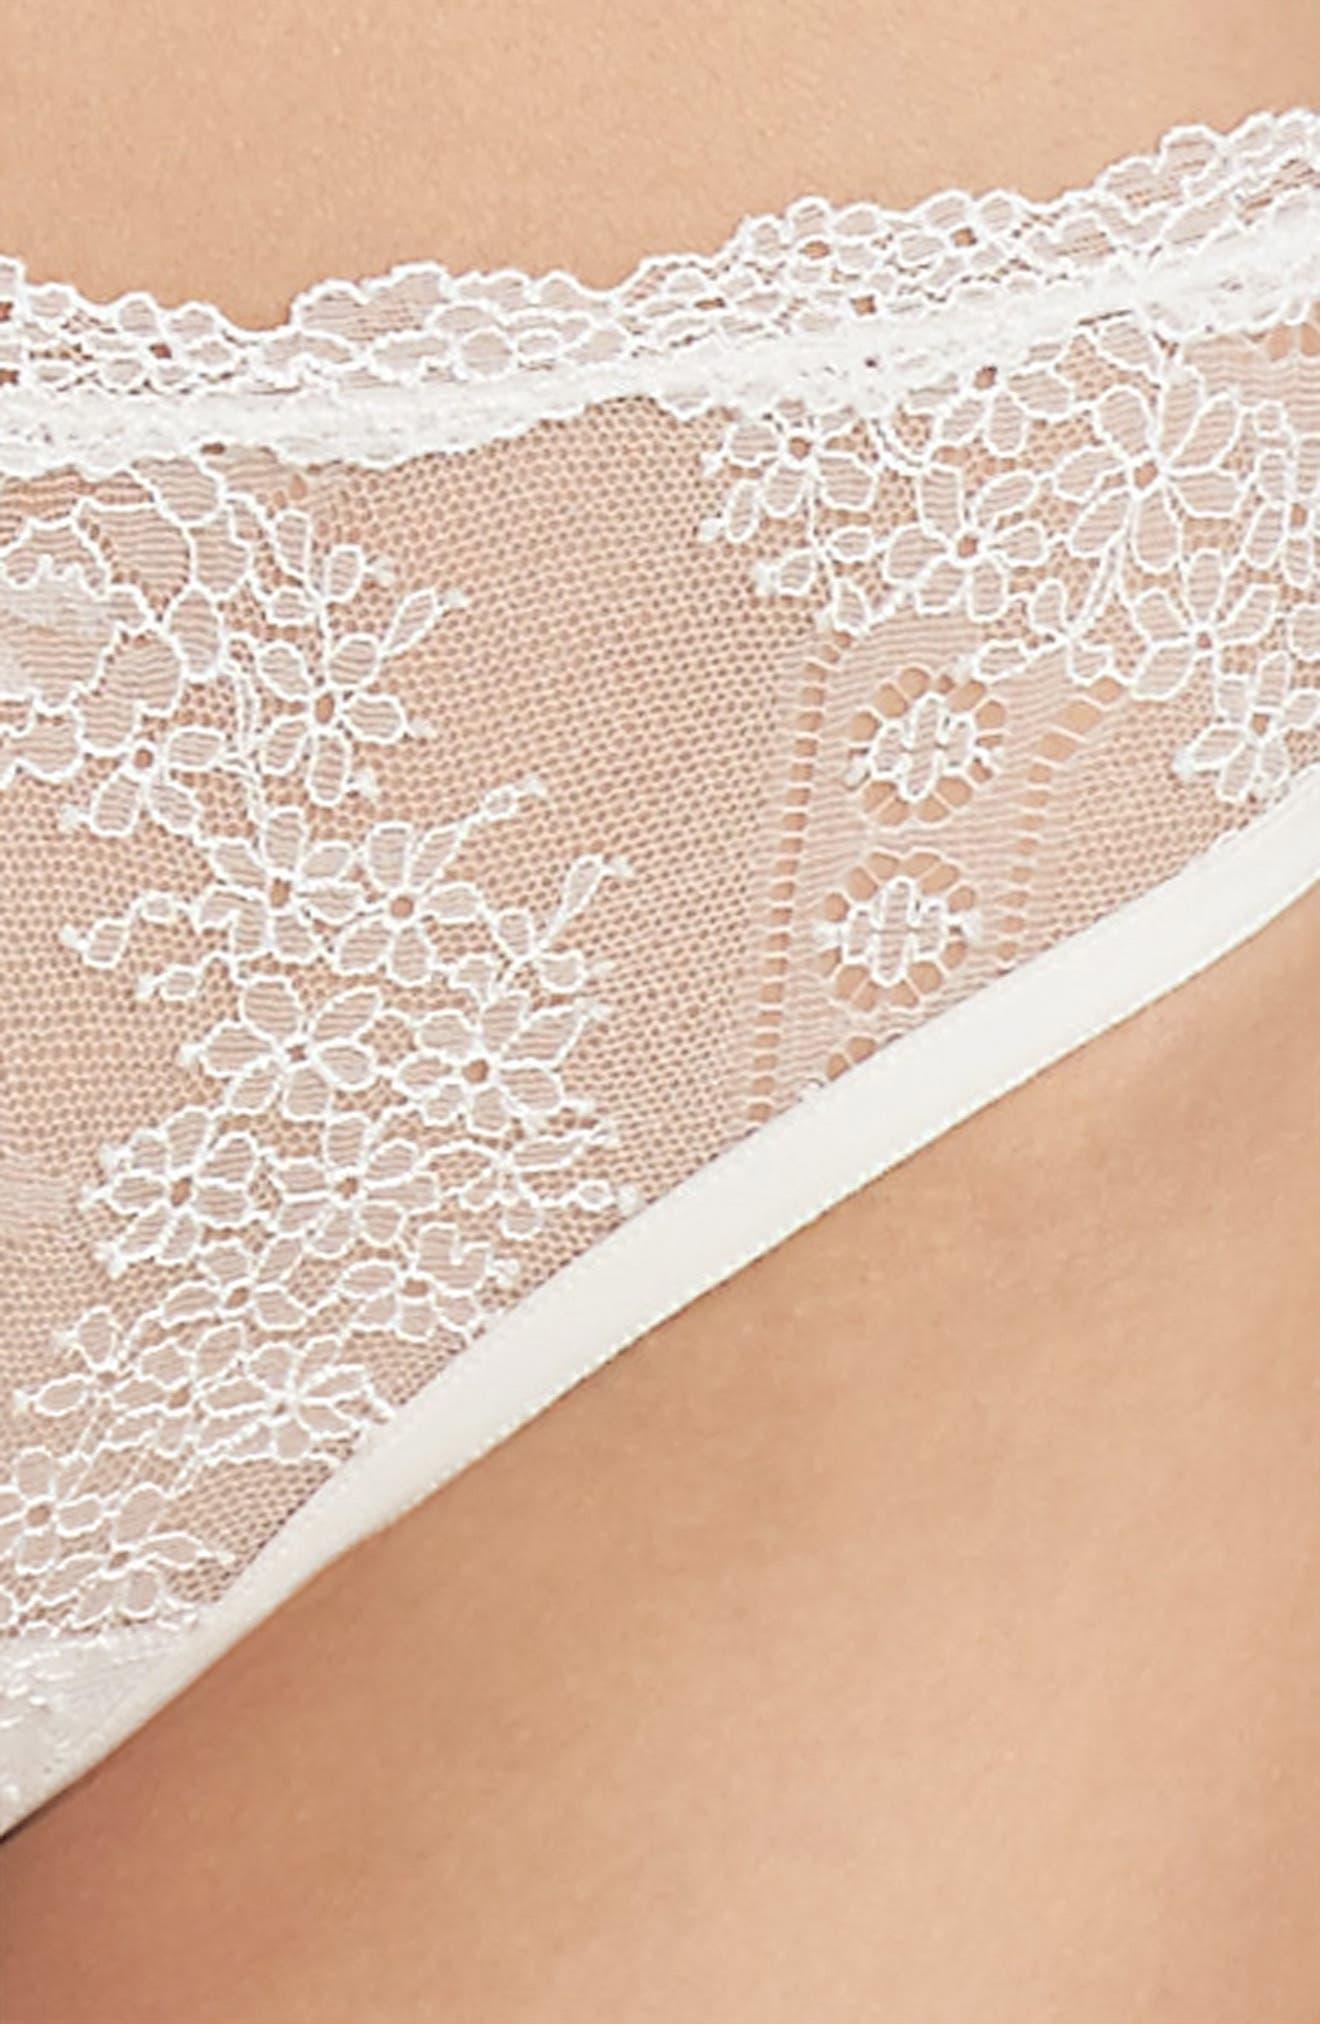 Lace Frills Brazilian Briefs,                             Alternate thumbnail 7, color,